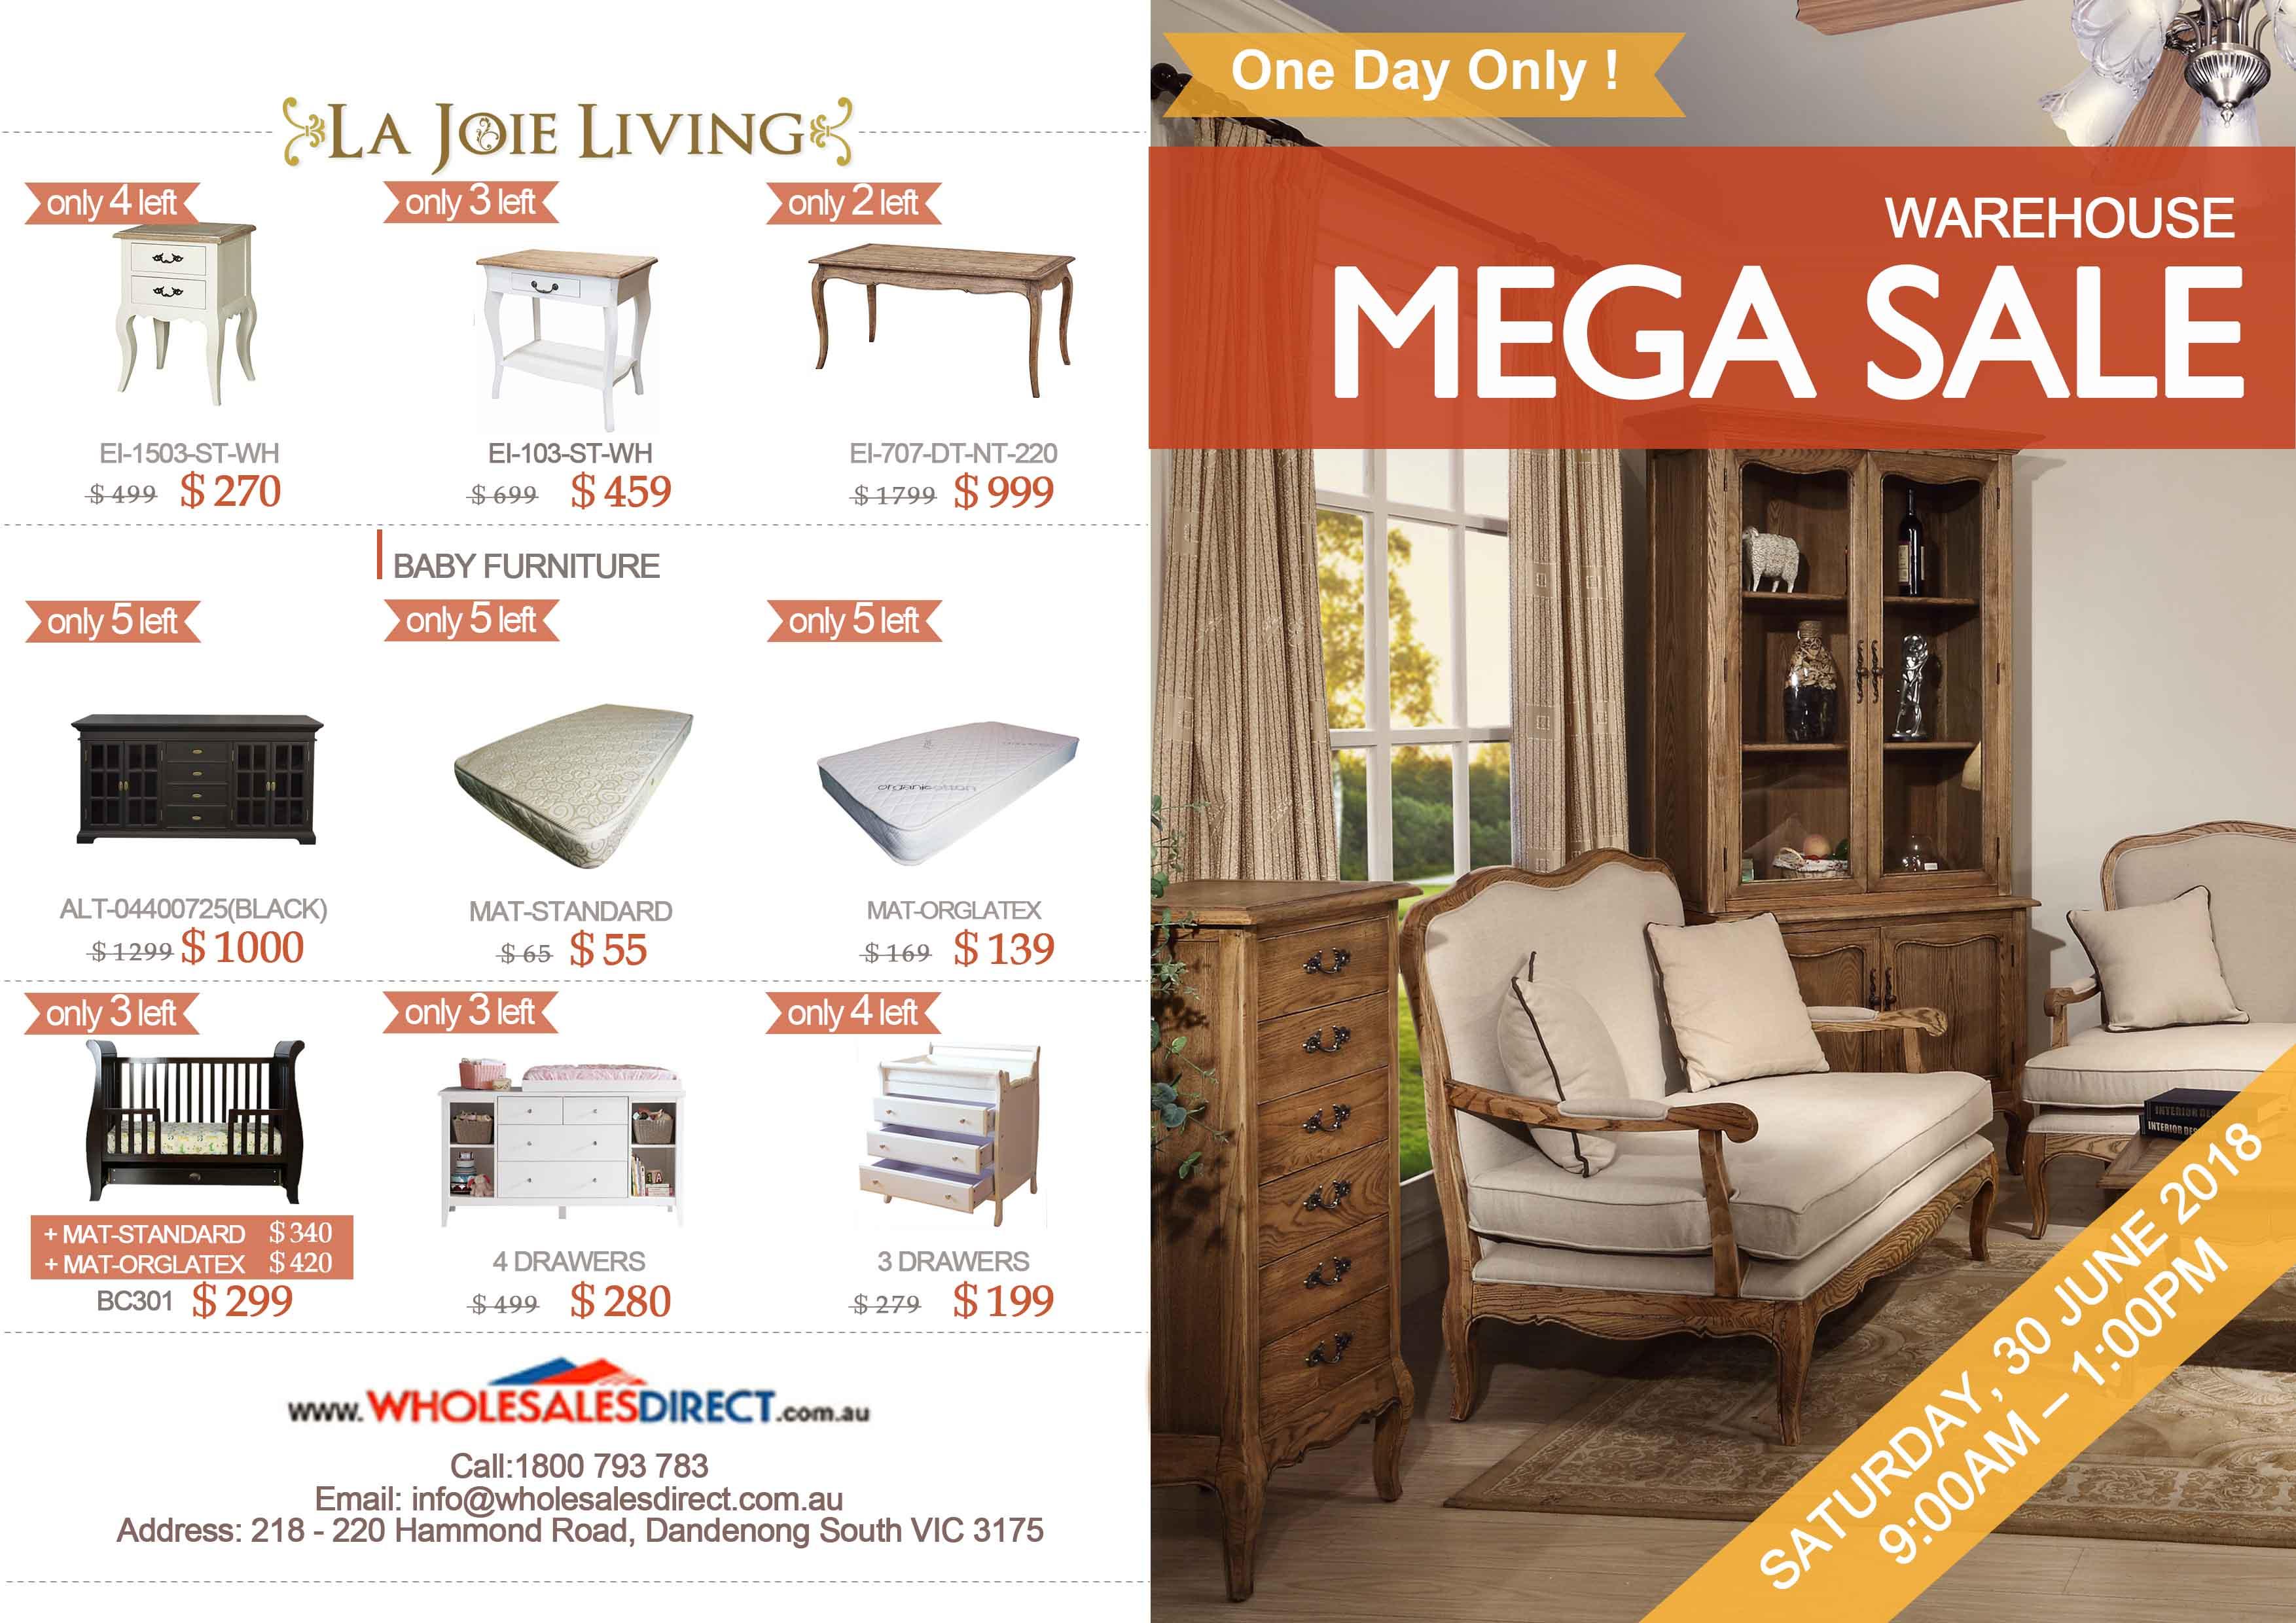 EOFY Mega Sale